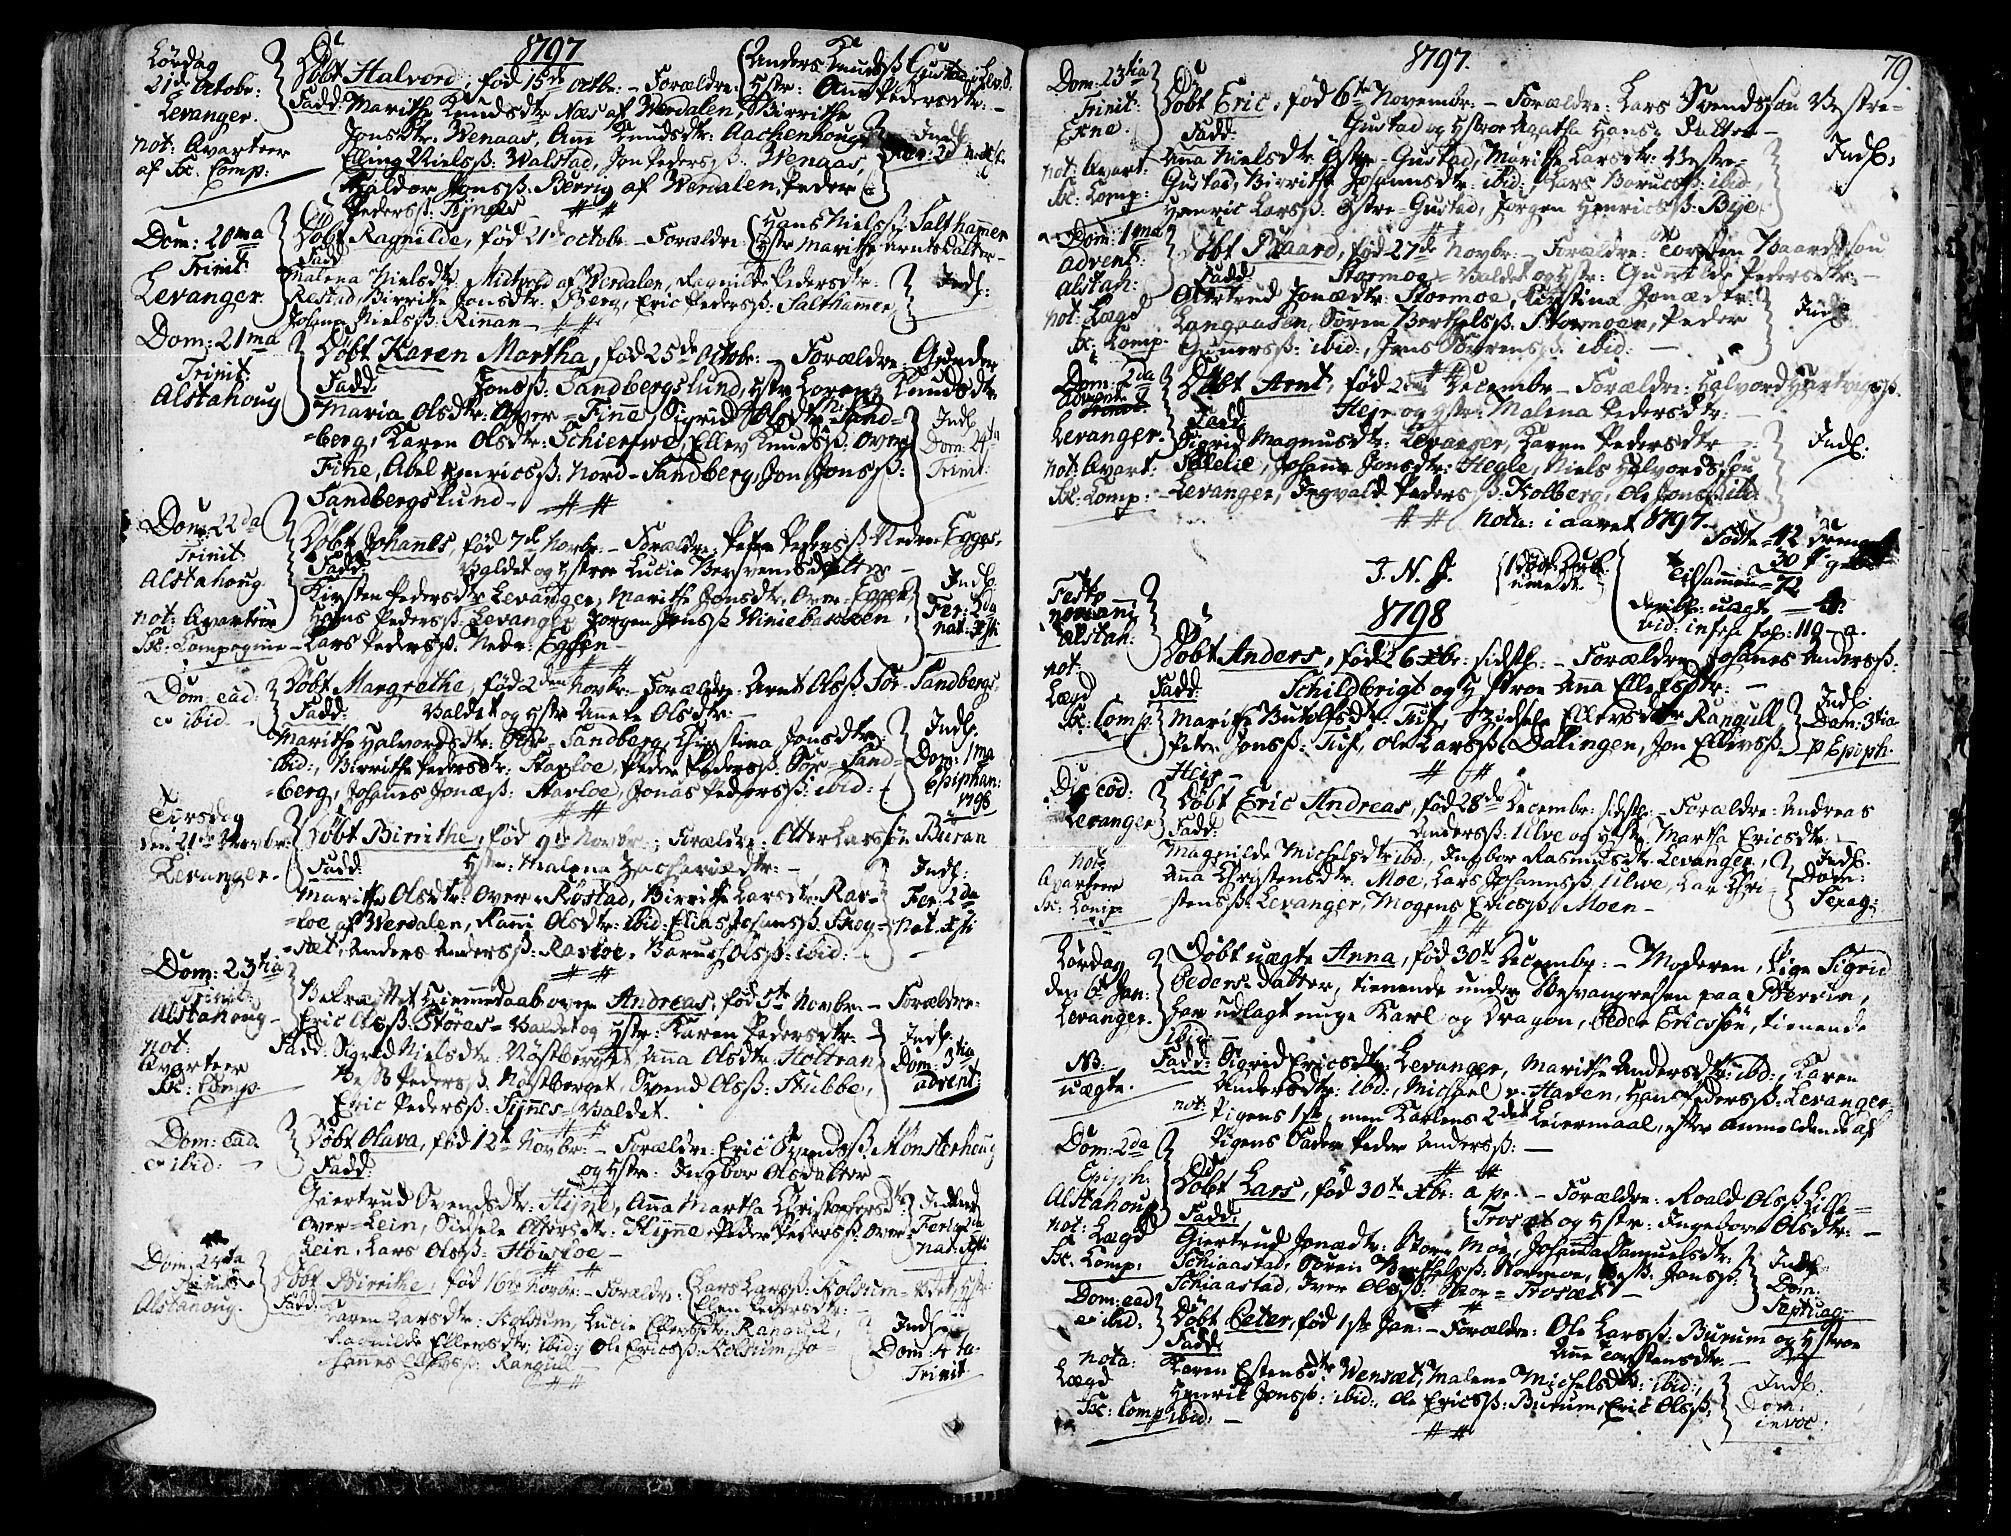 SAT, Ministerialprotokoller, klokkerbøker og fødselsregistre - Nord-Trøndelag, 717/L0142: Ministerialbok nr. 717A02 /1, 1783-1809, s. 79